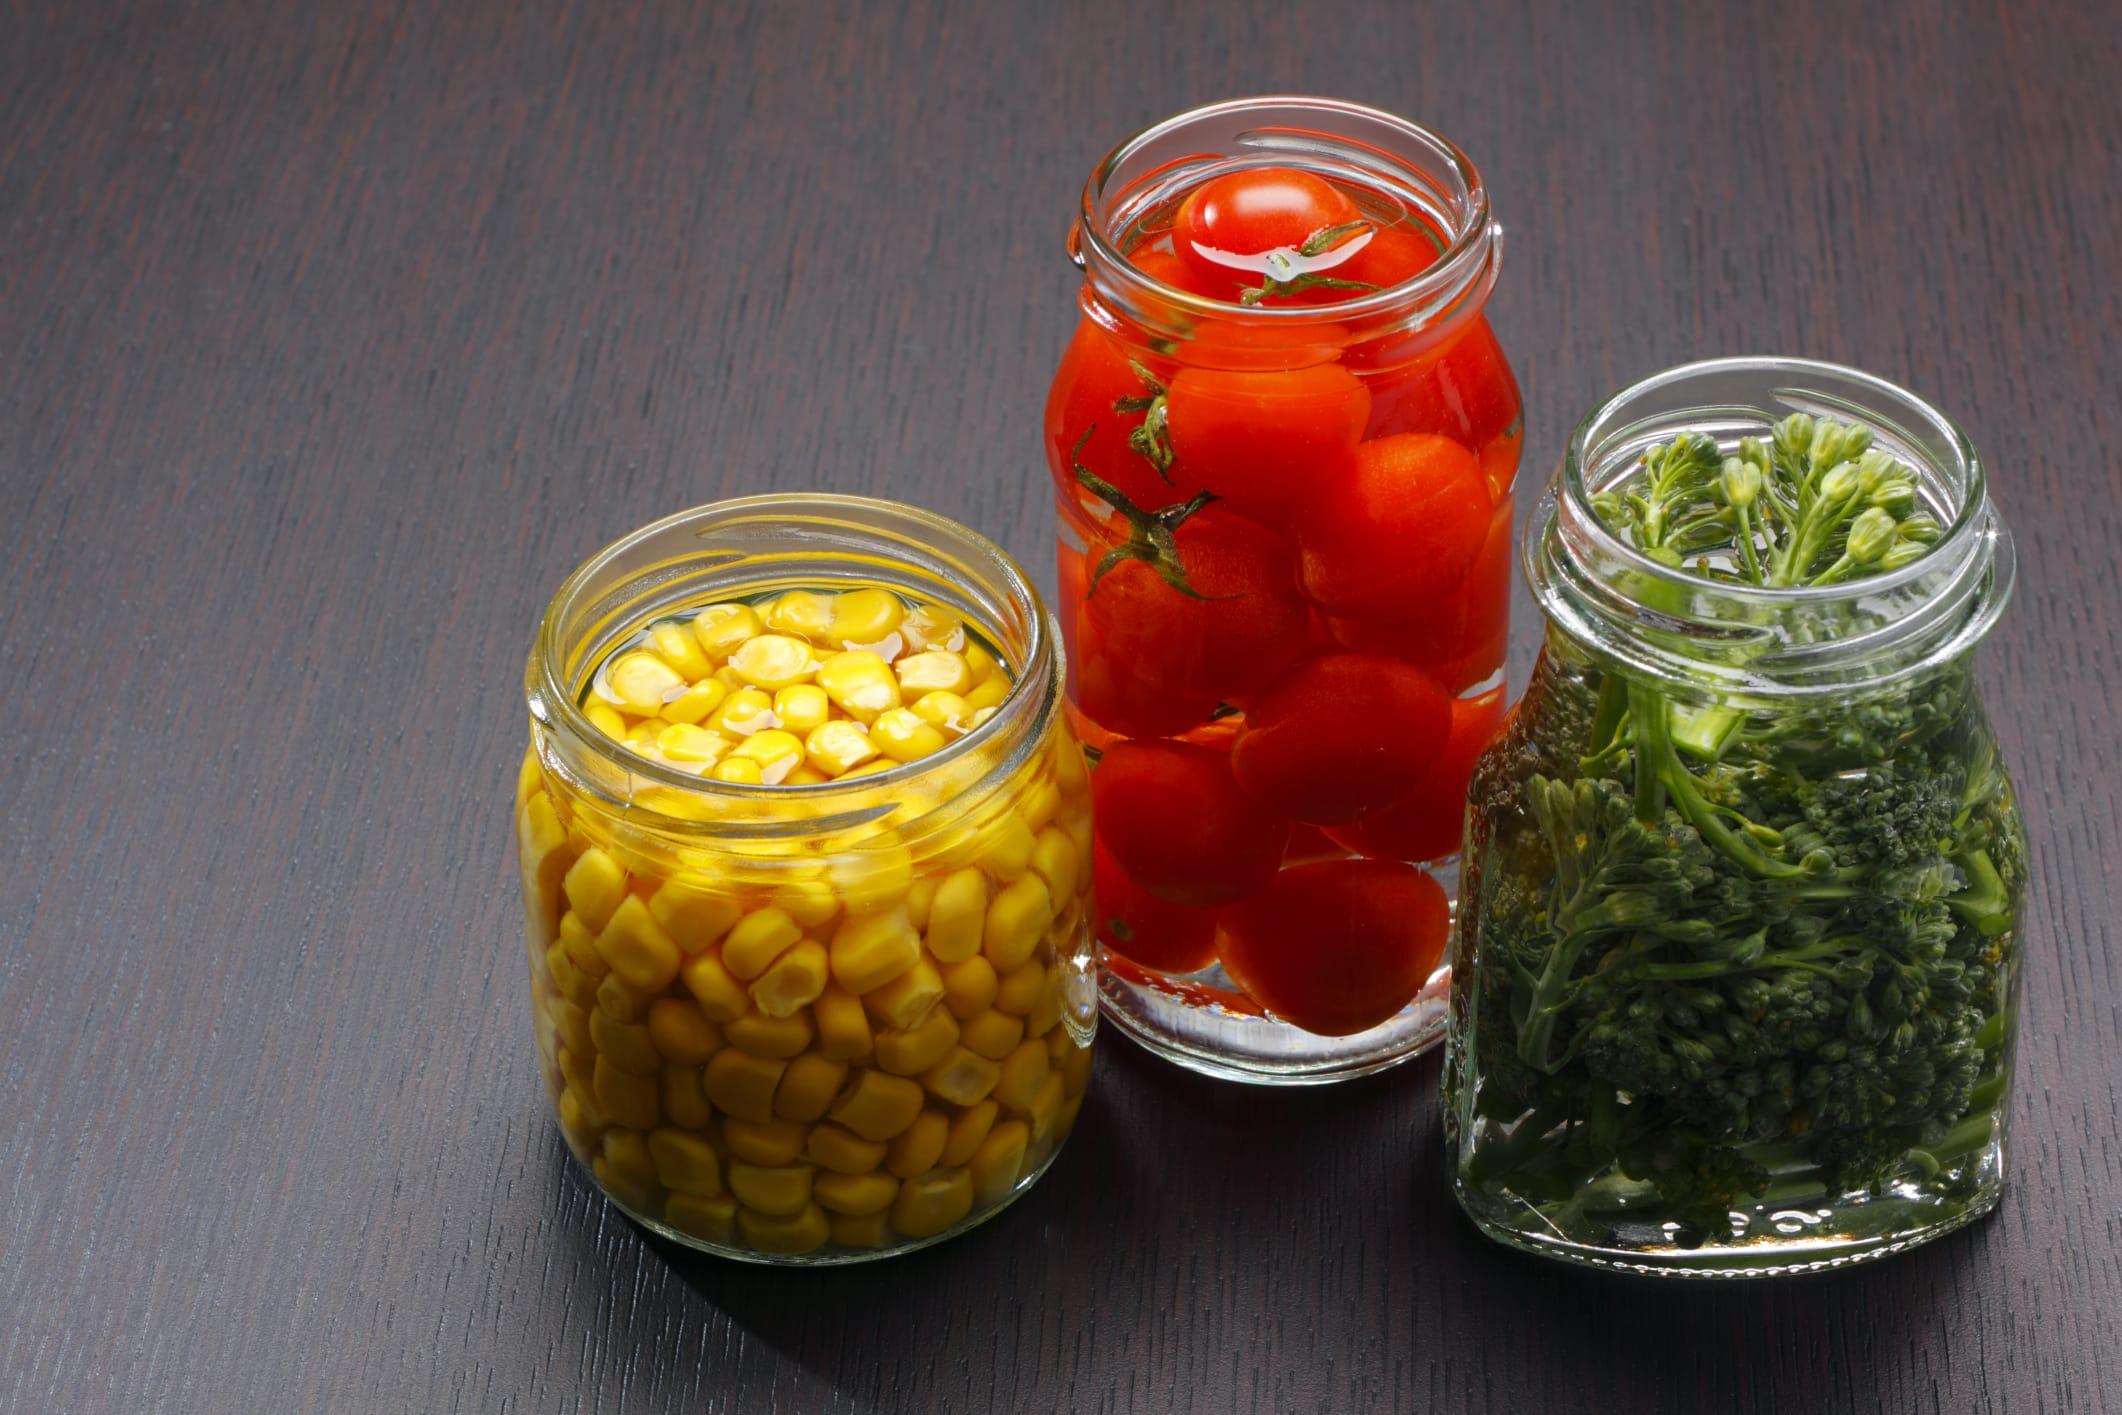 Tossinfezioni alimentari: tutti i consigli su come prevenirle